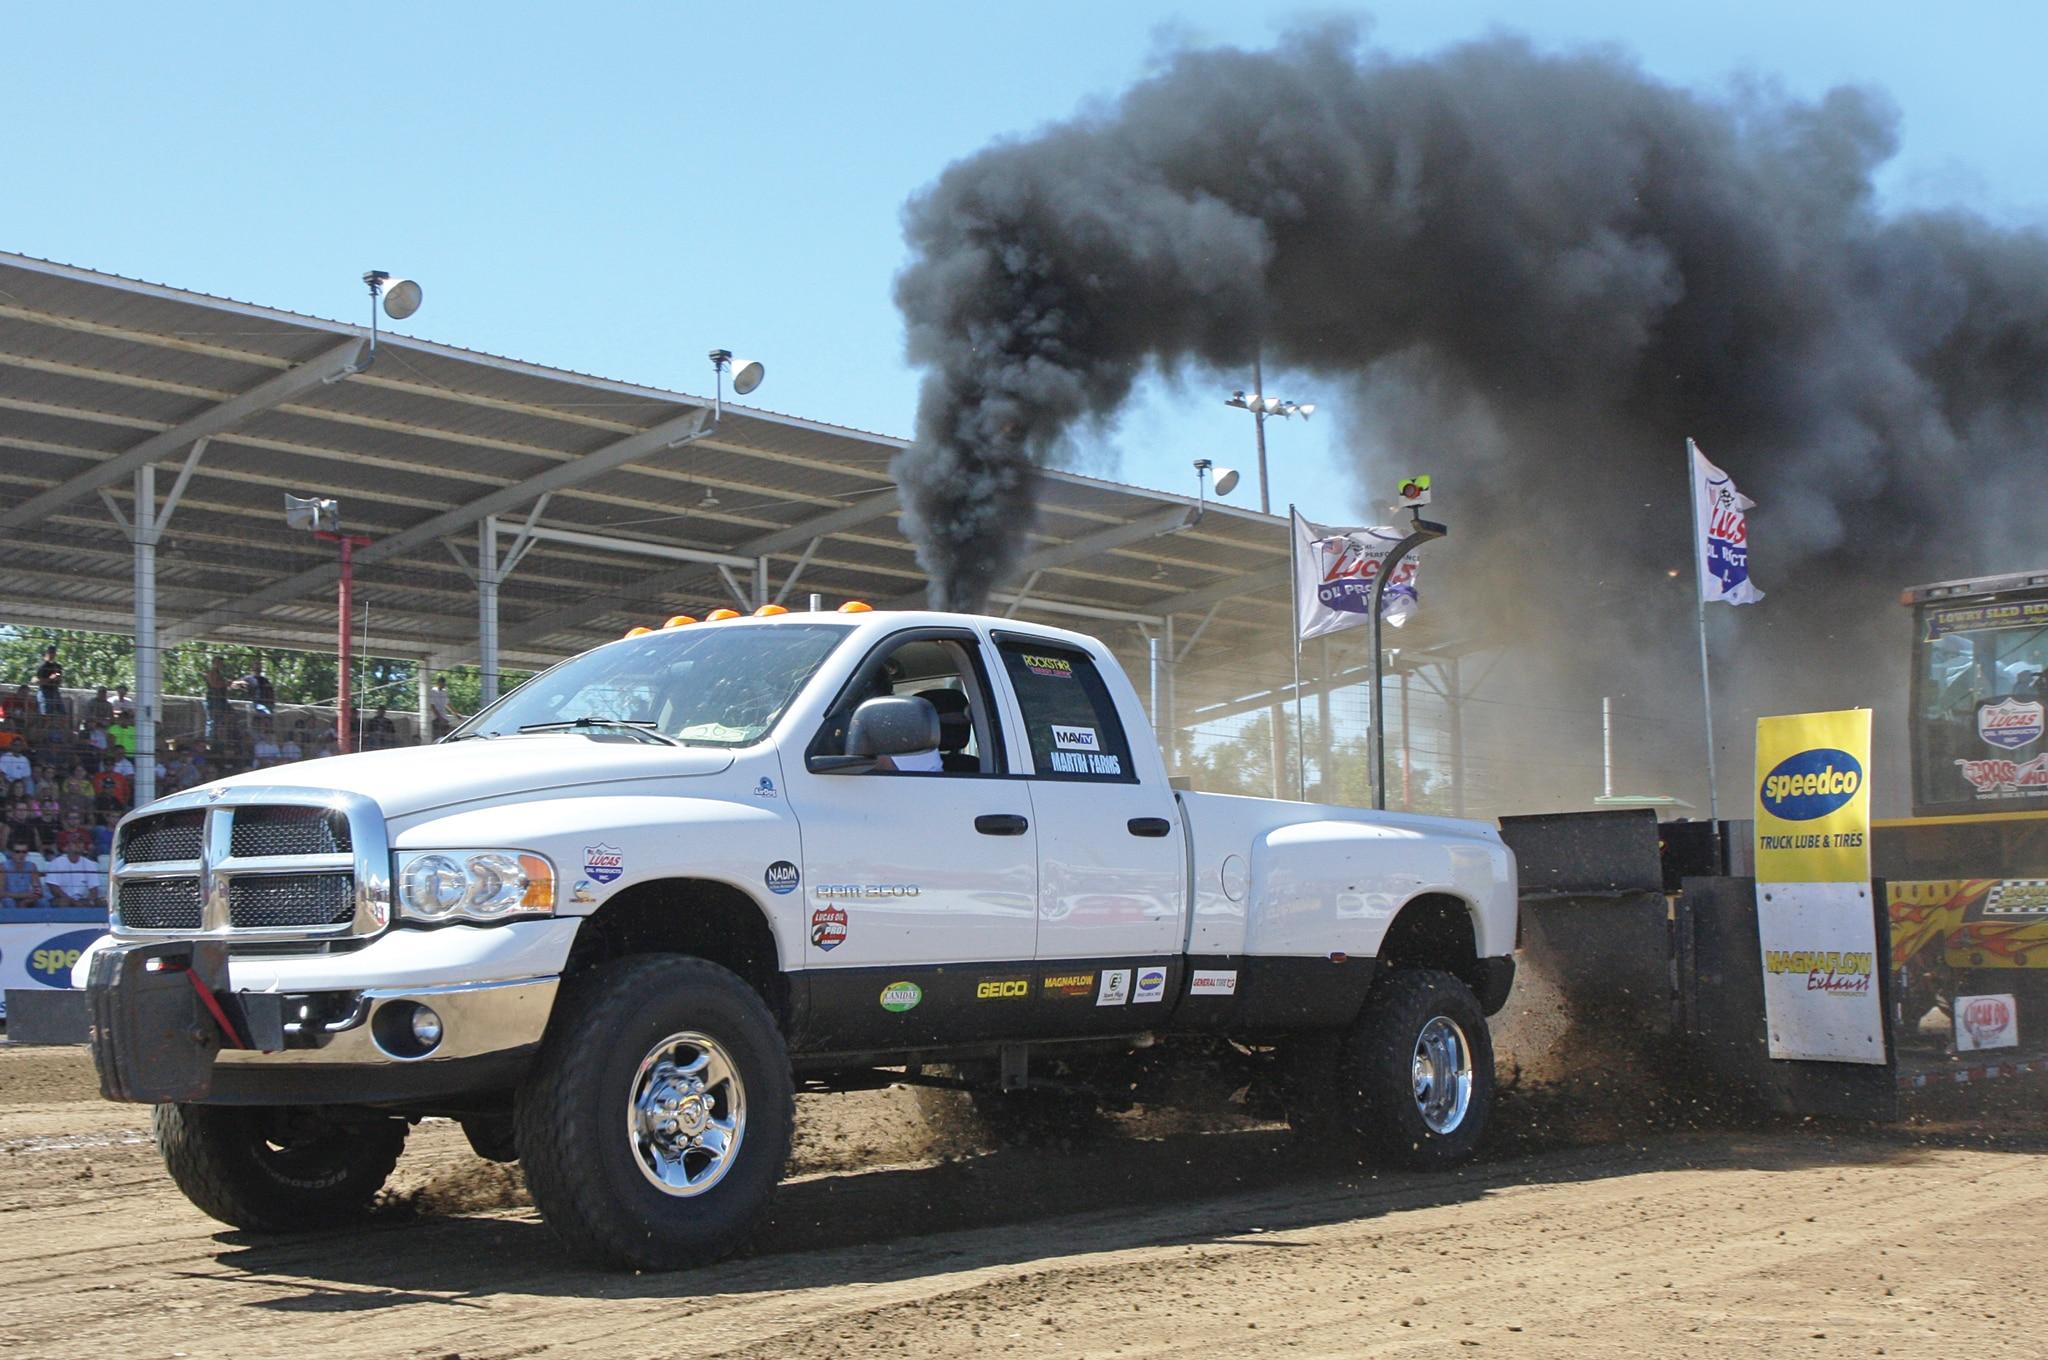 Rolling Coal Show Of Strength Or Smoking Gun